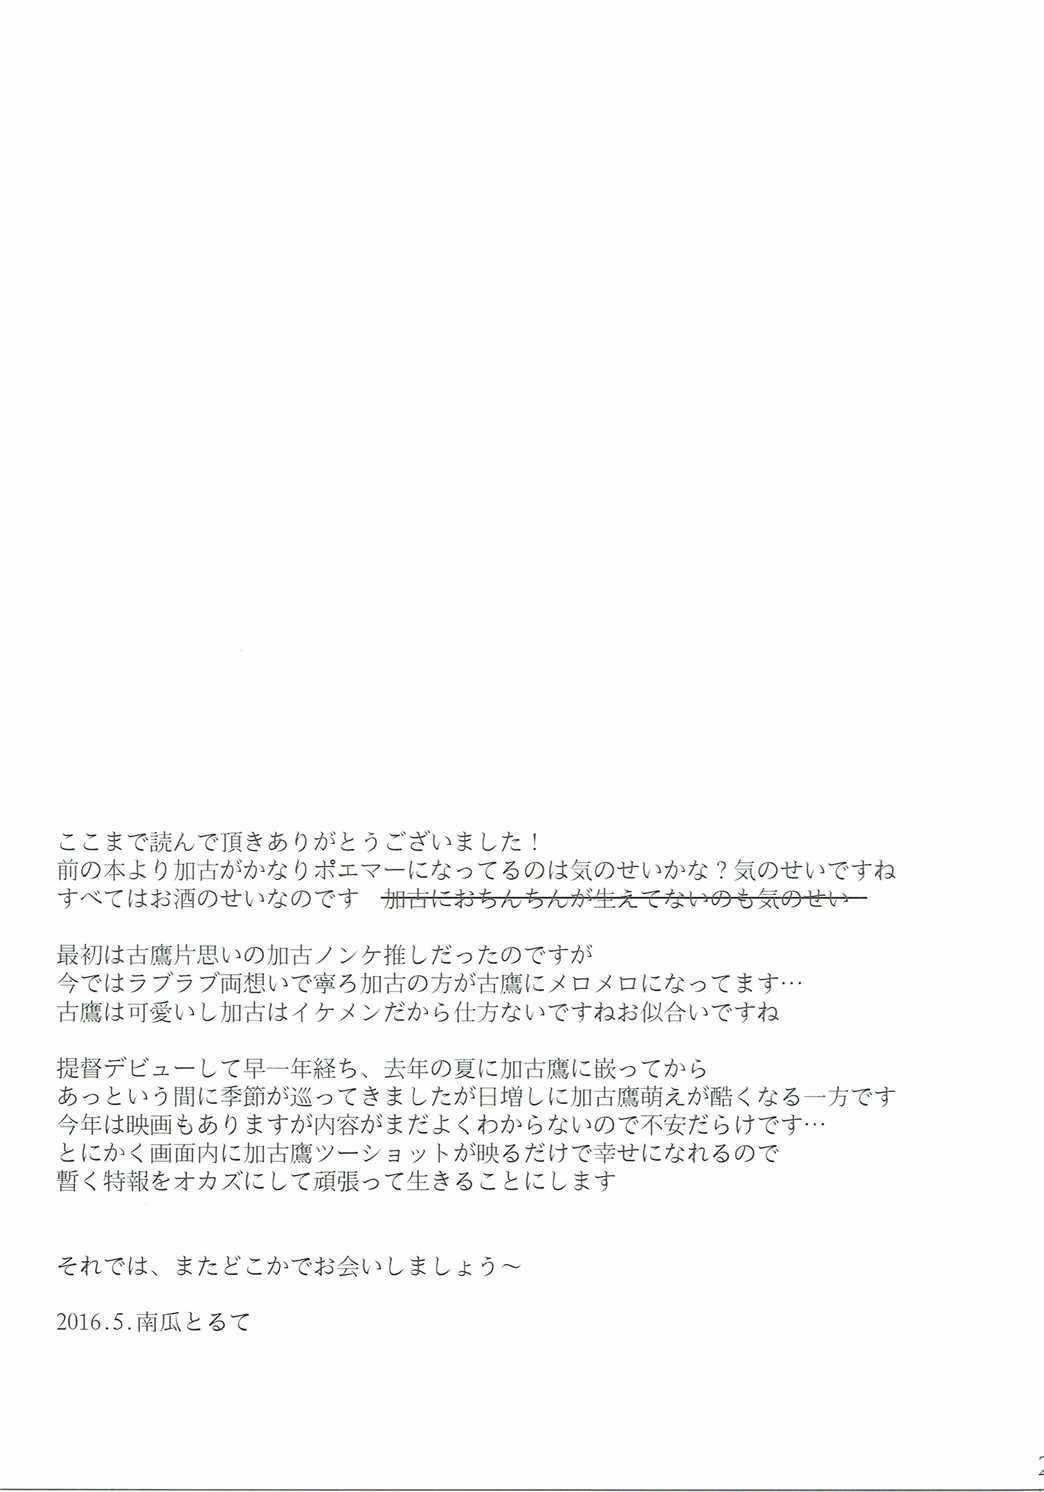 Toaru juujun Shimai no Netsu Bousou 23